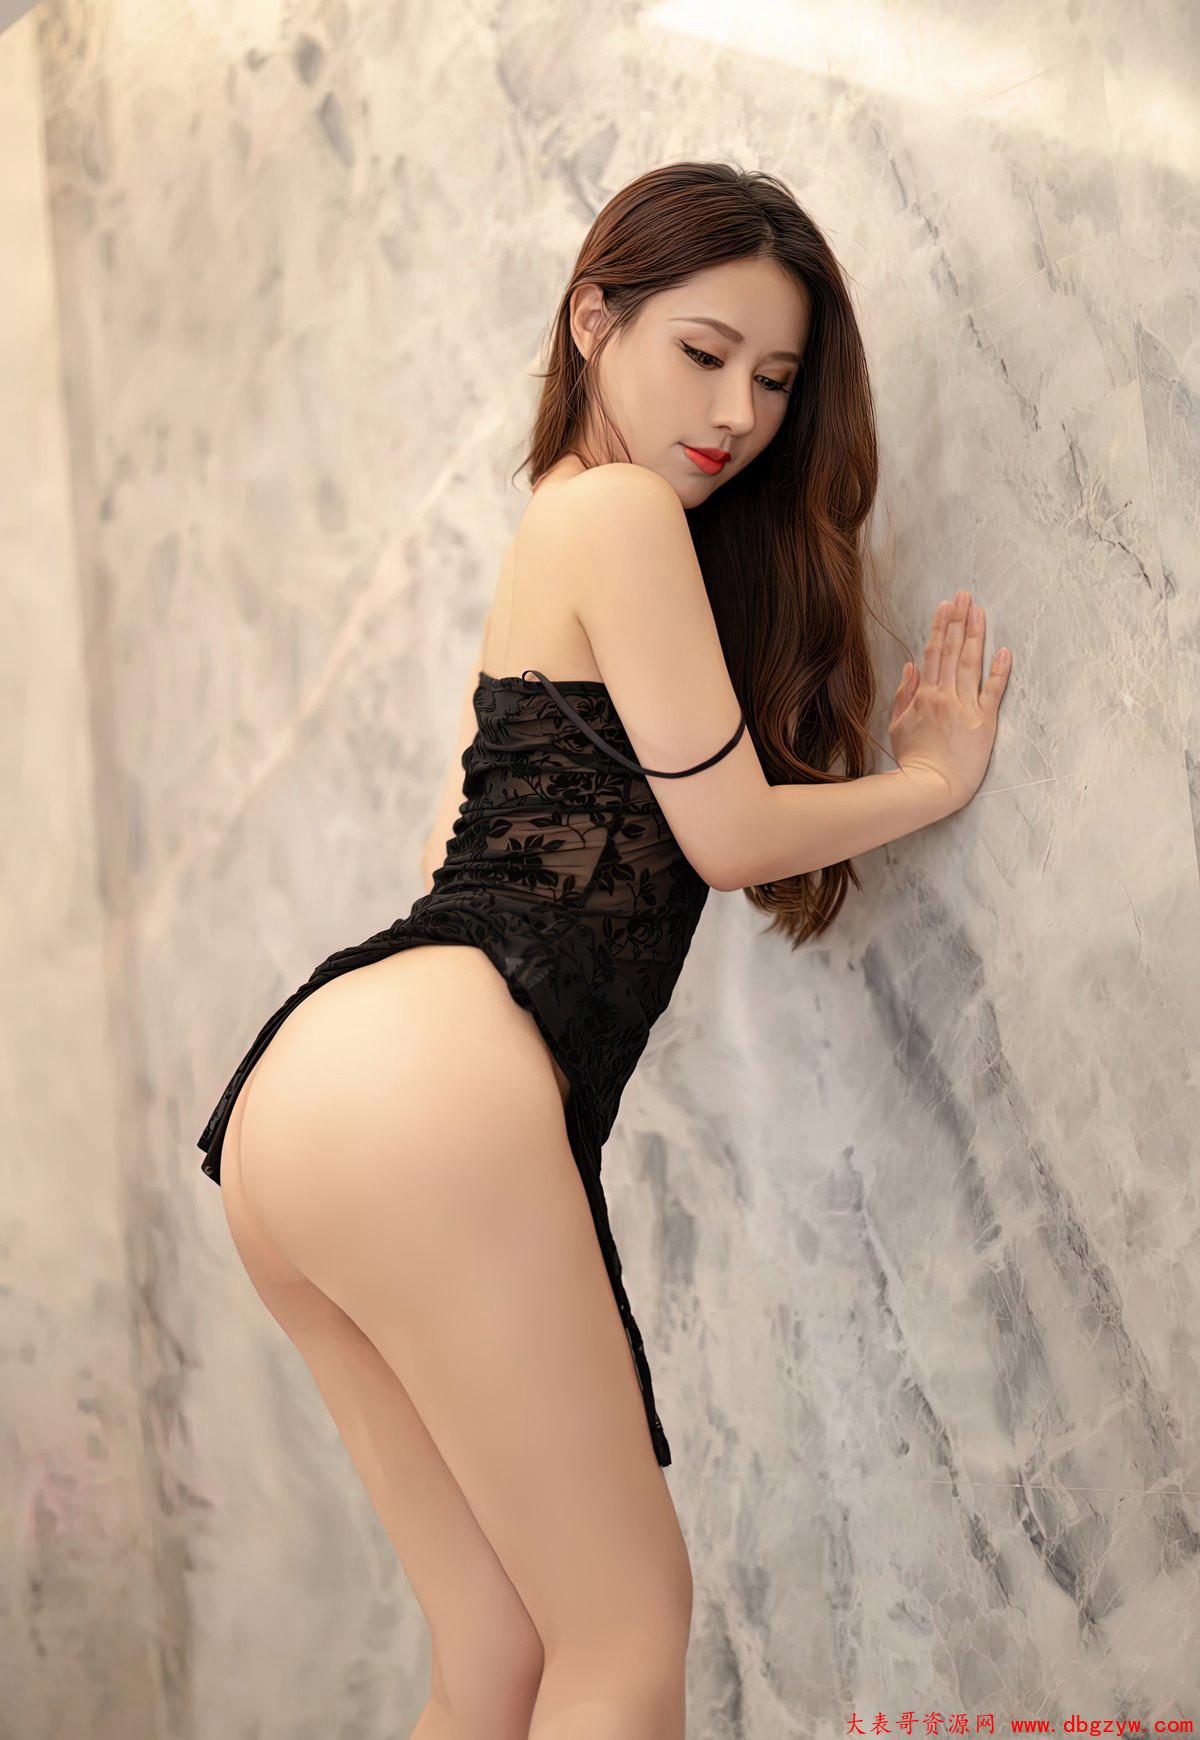 徐安安黑丝肉丝玉足高级酒店极品骚妇熟女少妇极品美女写真